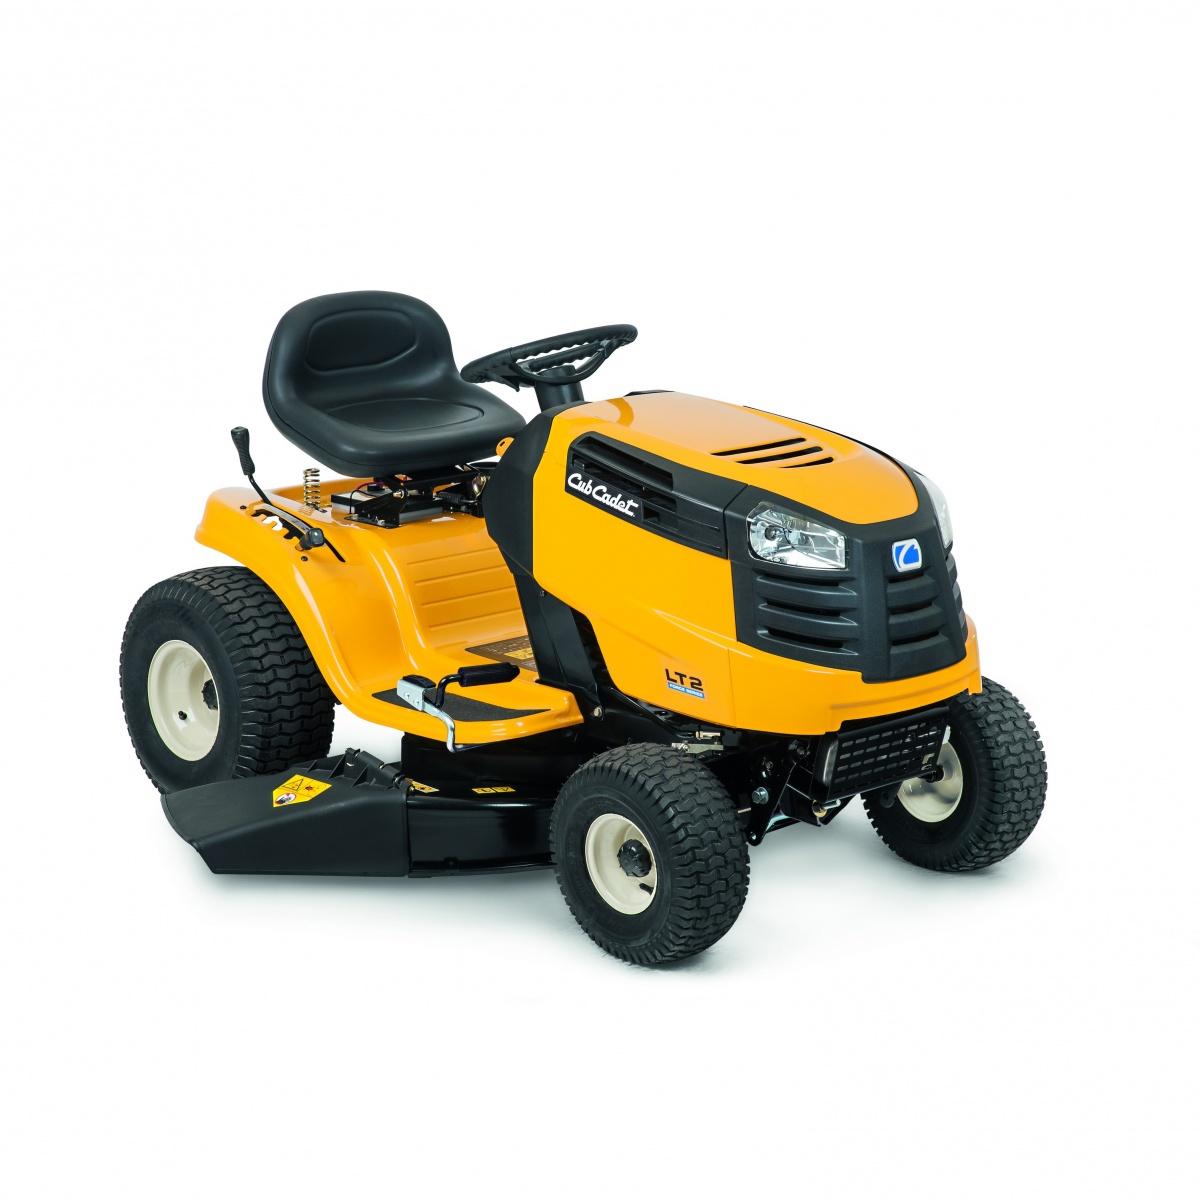 Cub-Cadet LT2 NS96 - travní traktor s bočním výhozem + DÁREK